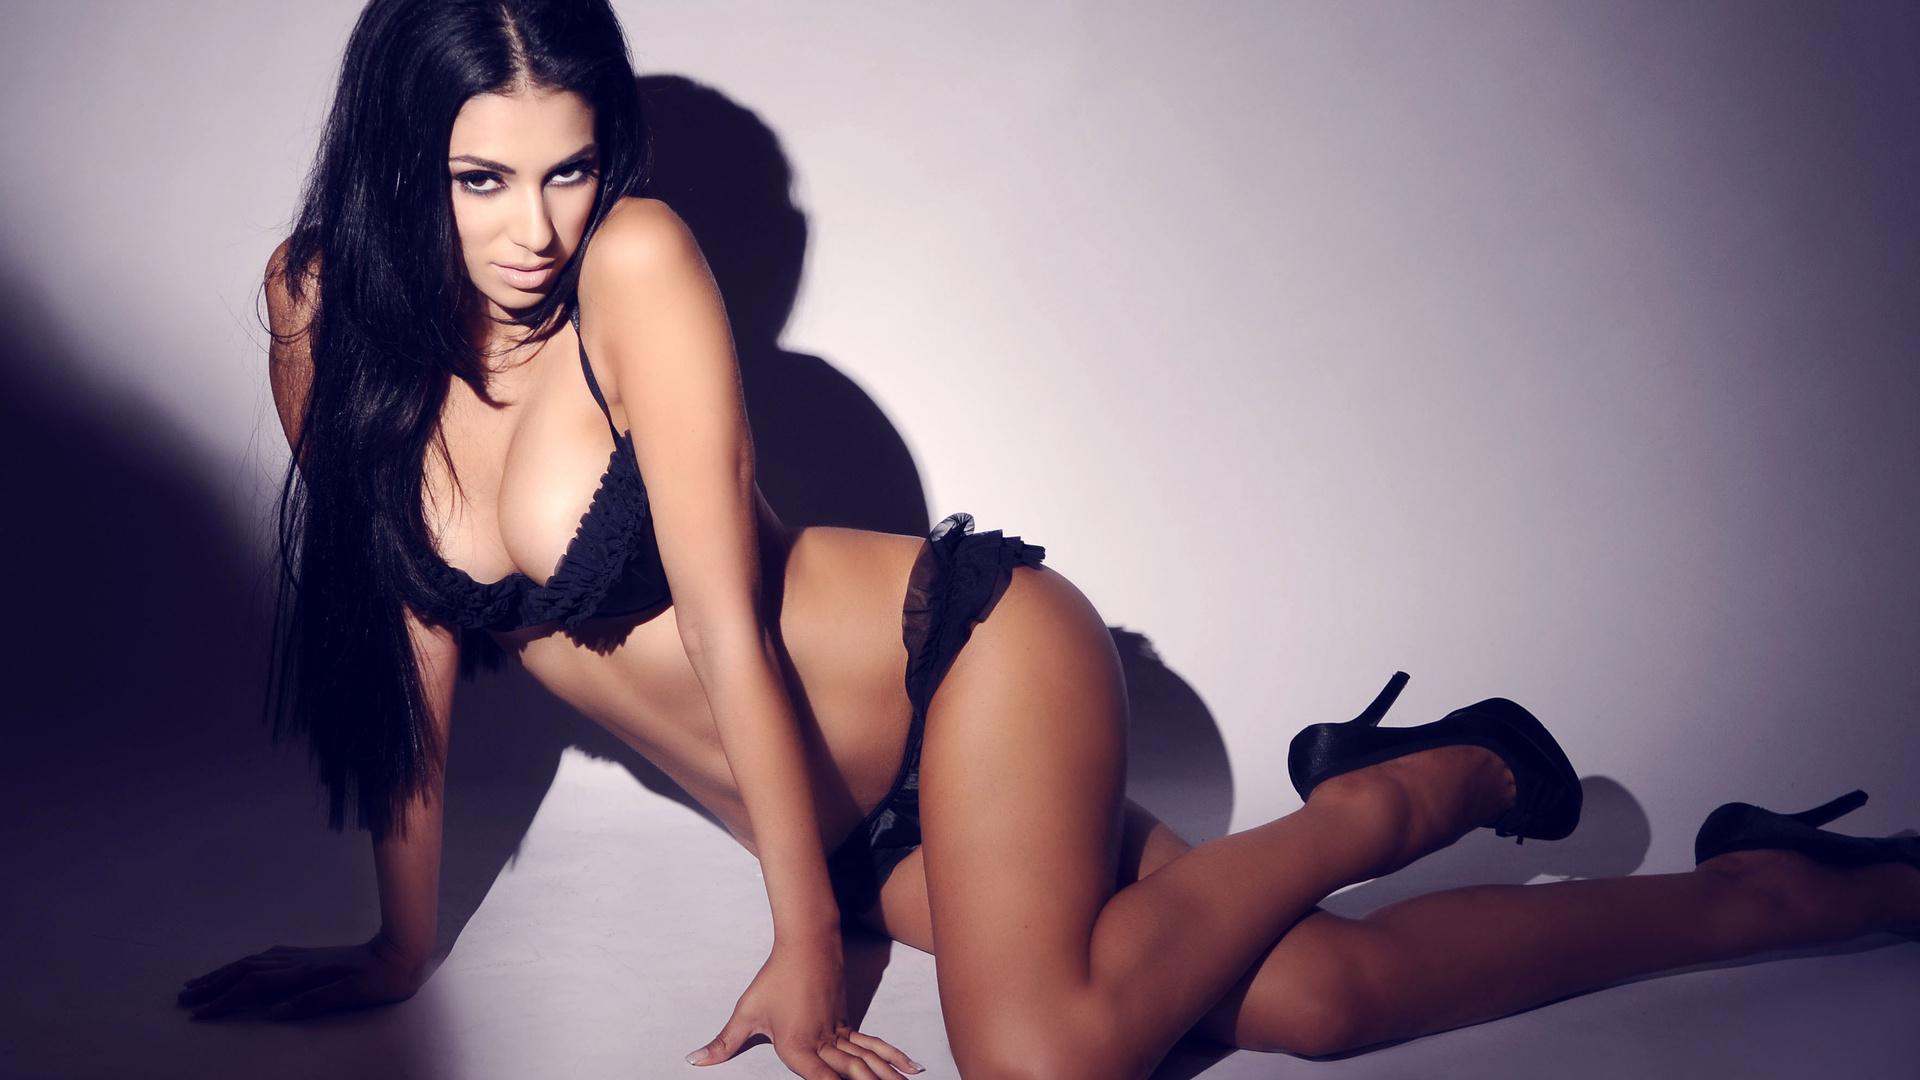 самые сексуальные голые девачки фото